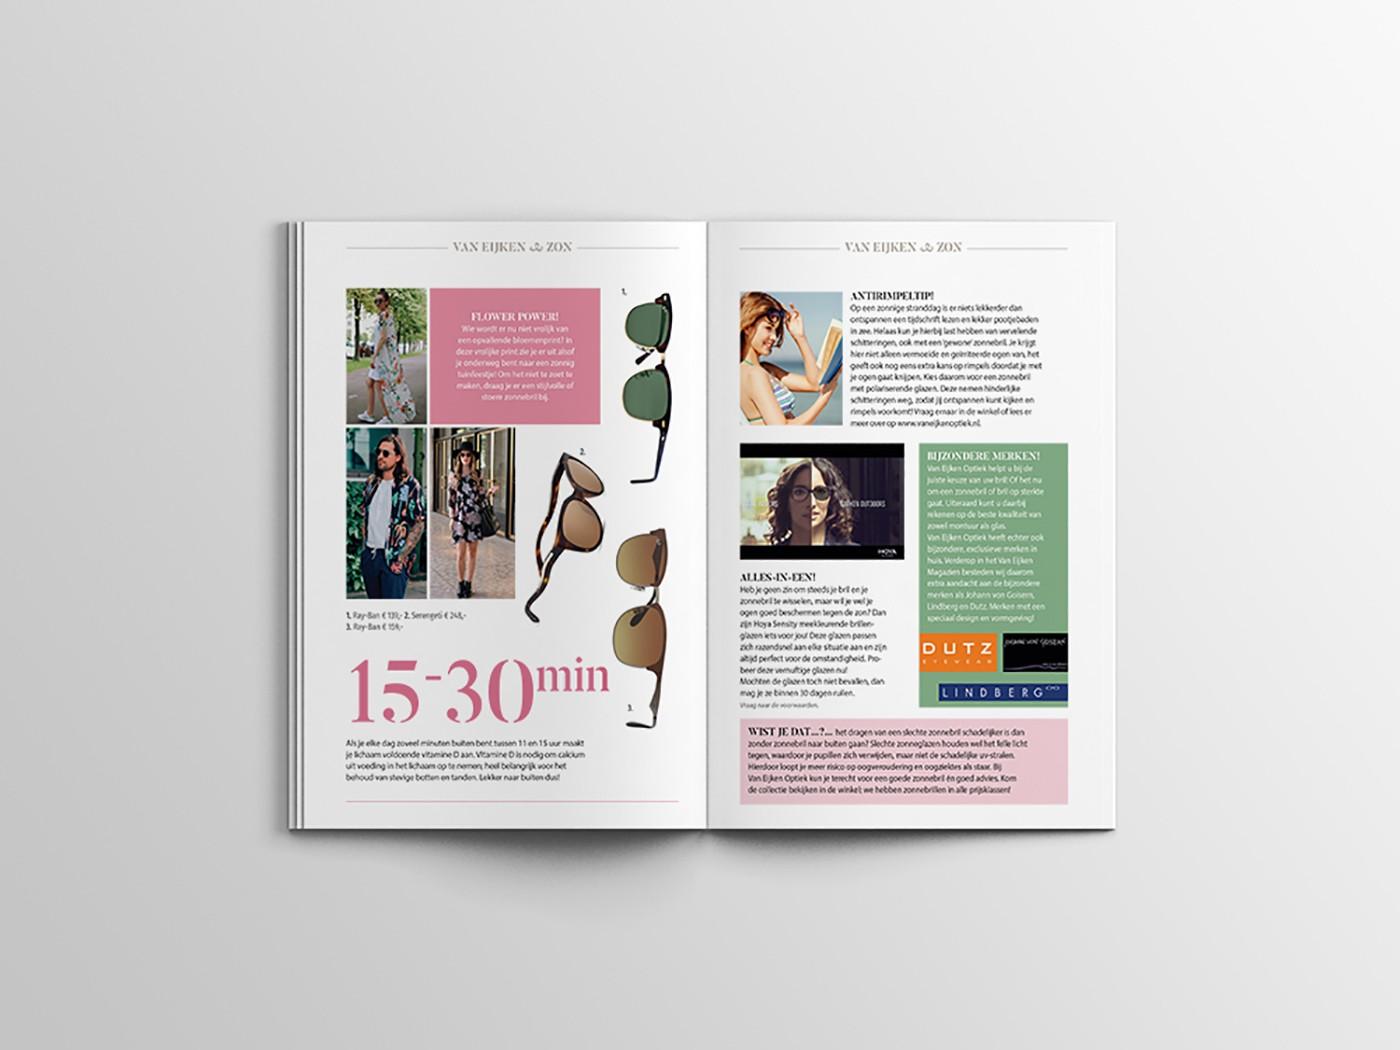 Van_Eijken_brochure